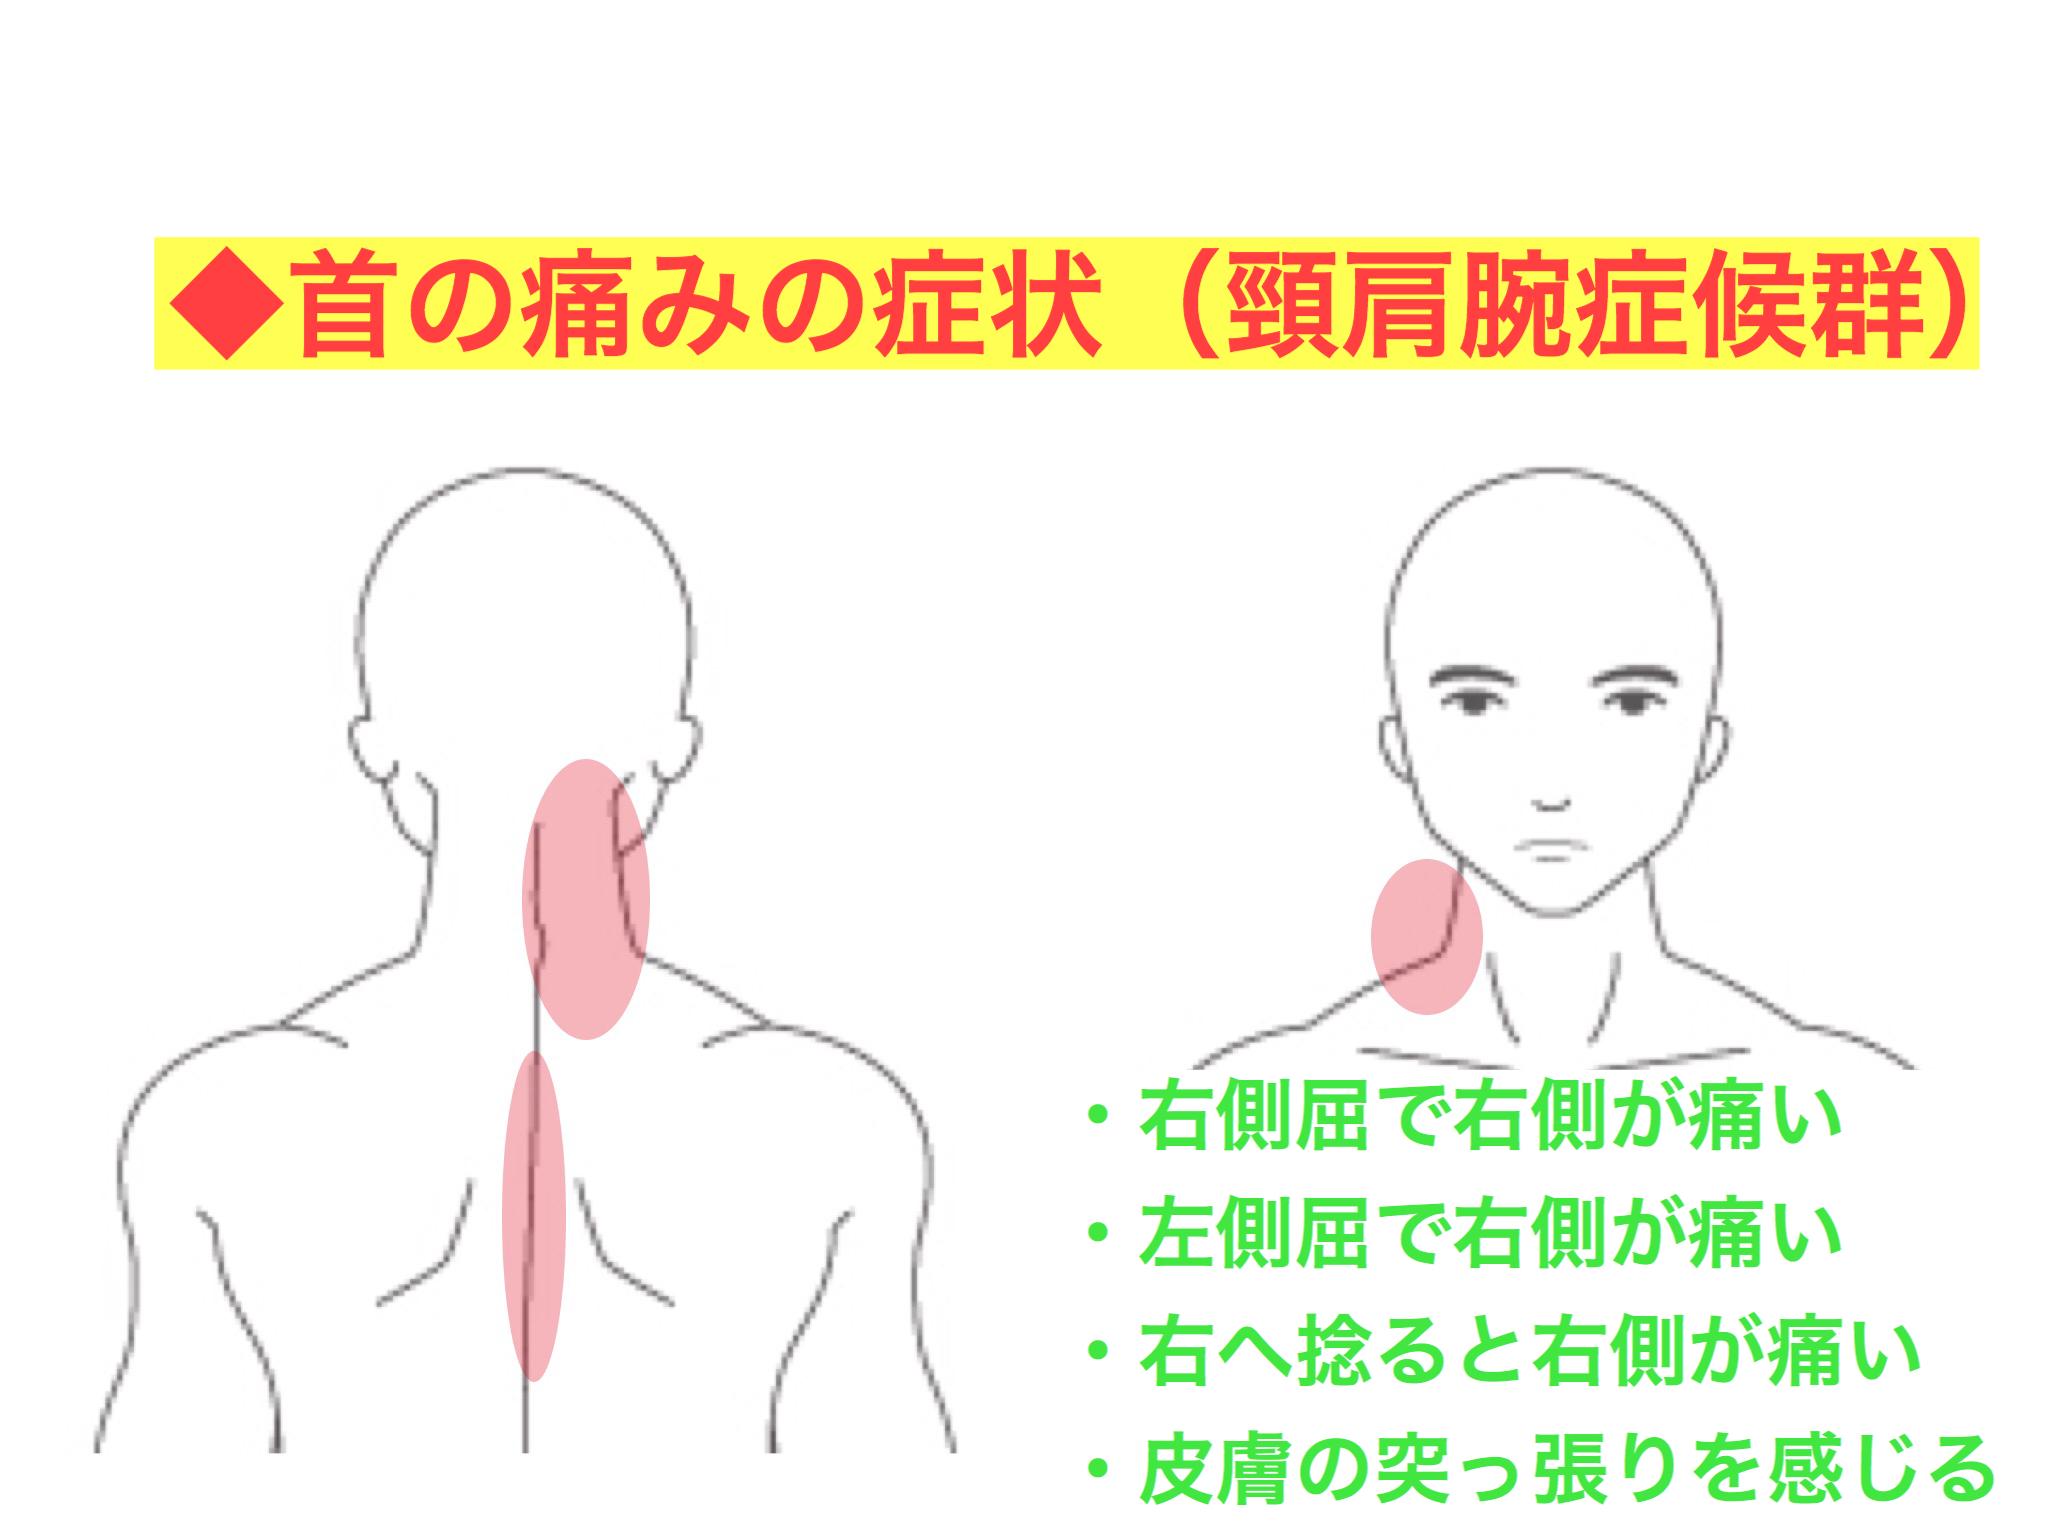 耳 の 後ろ が 痛い